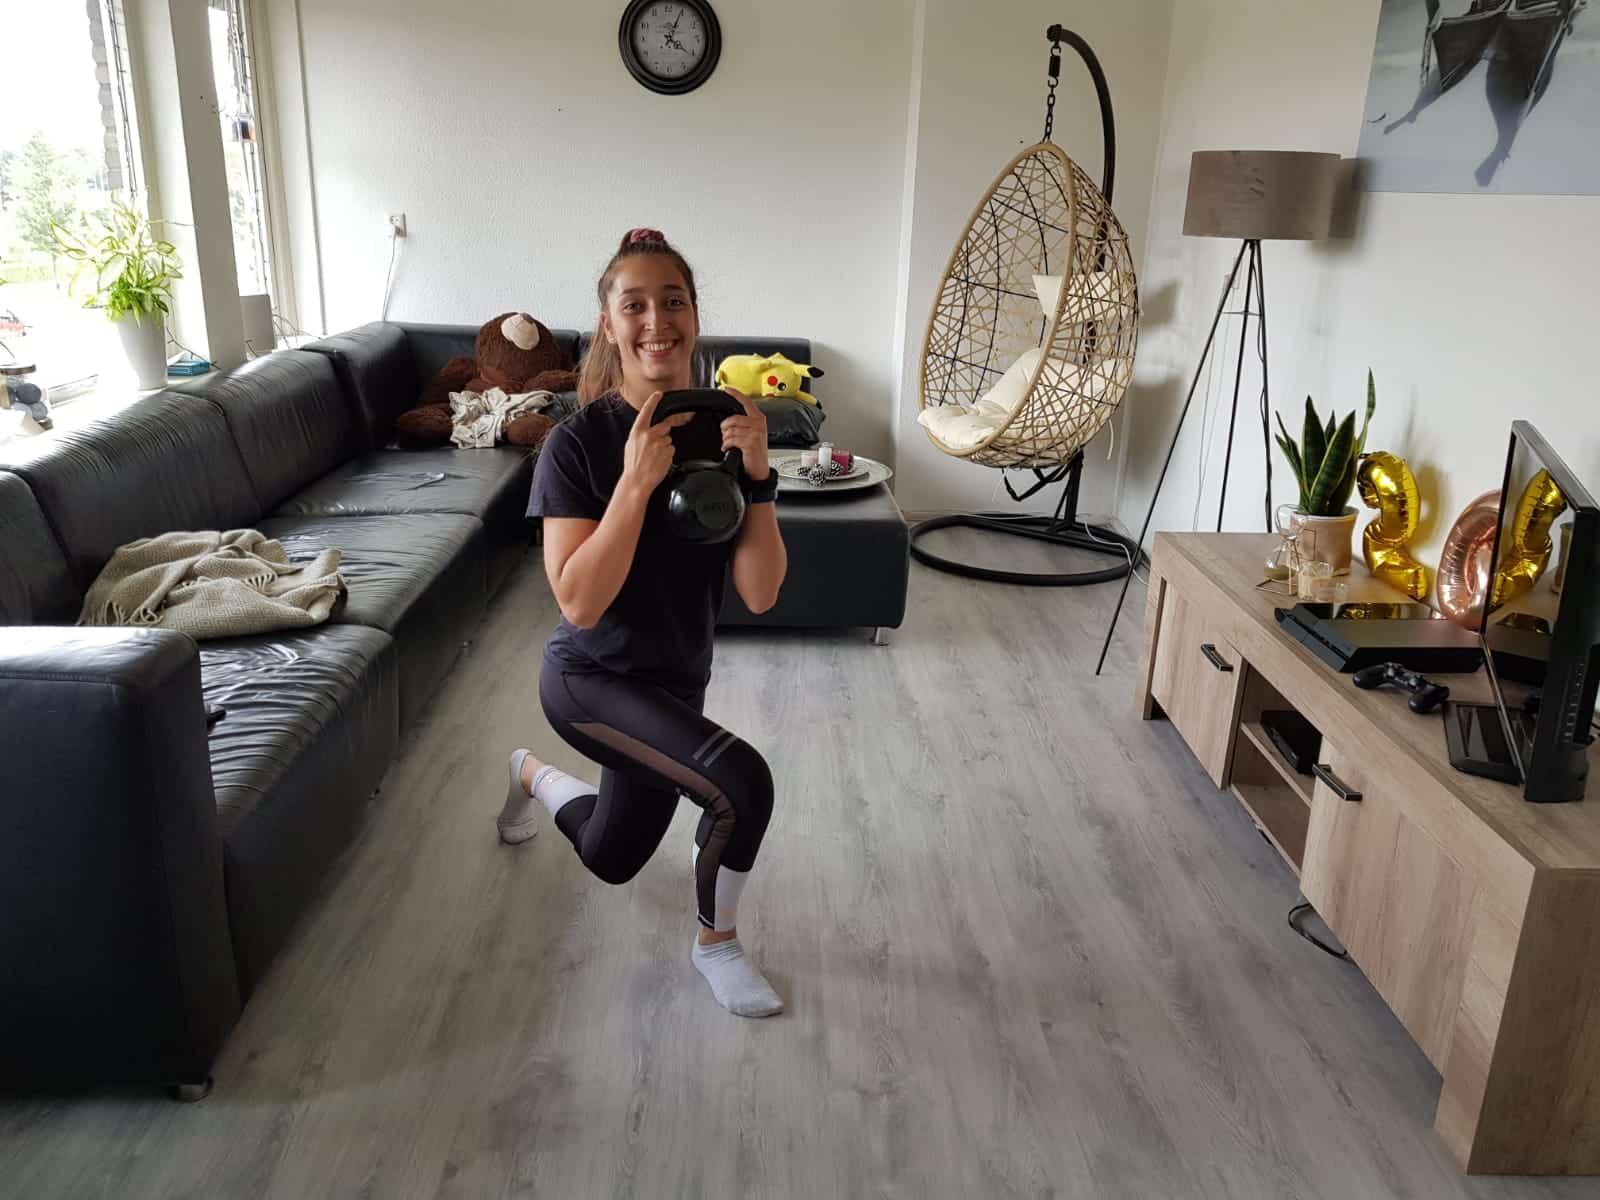 Wonderlijk Oefeningen die je als vrouw thuis kunt doen met gewichten? Vindt NE-92